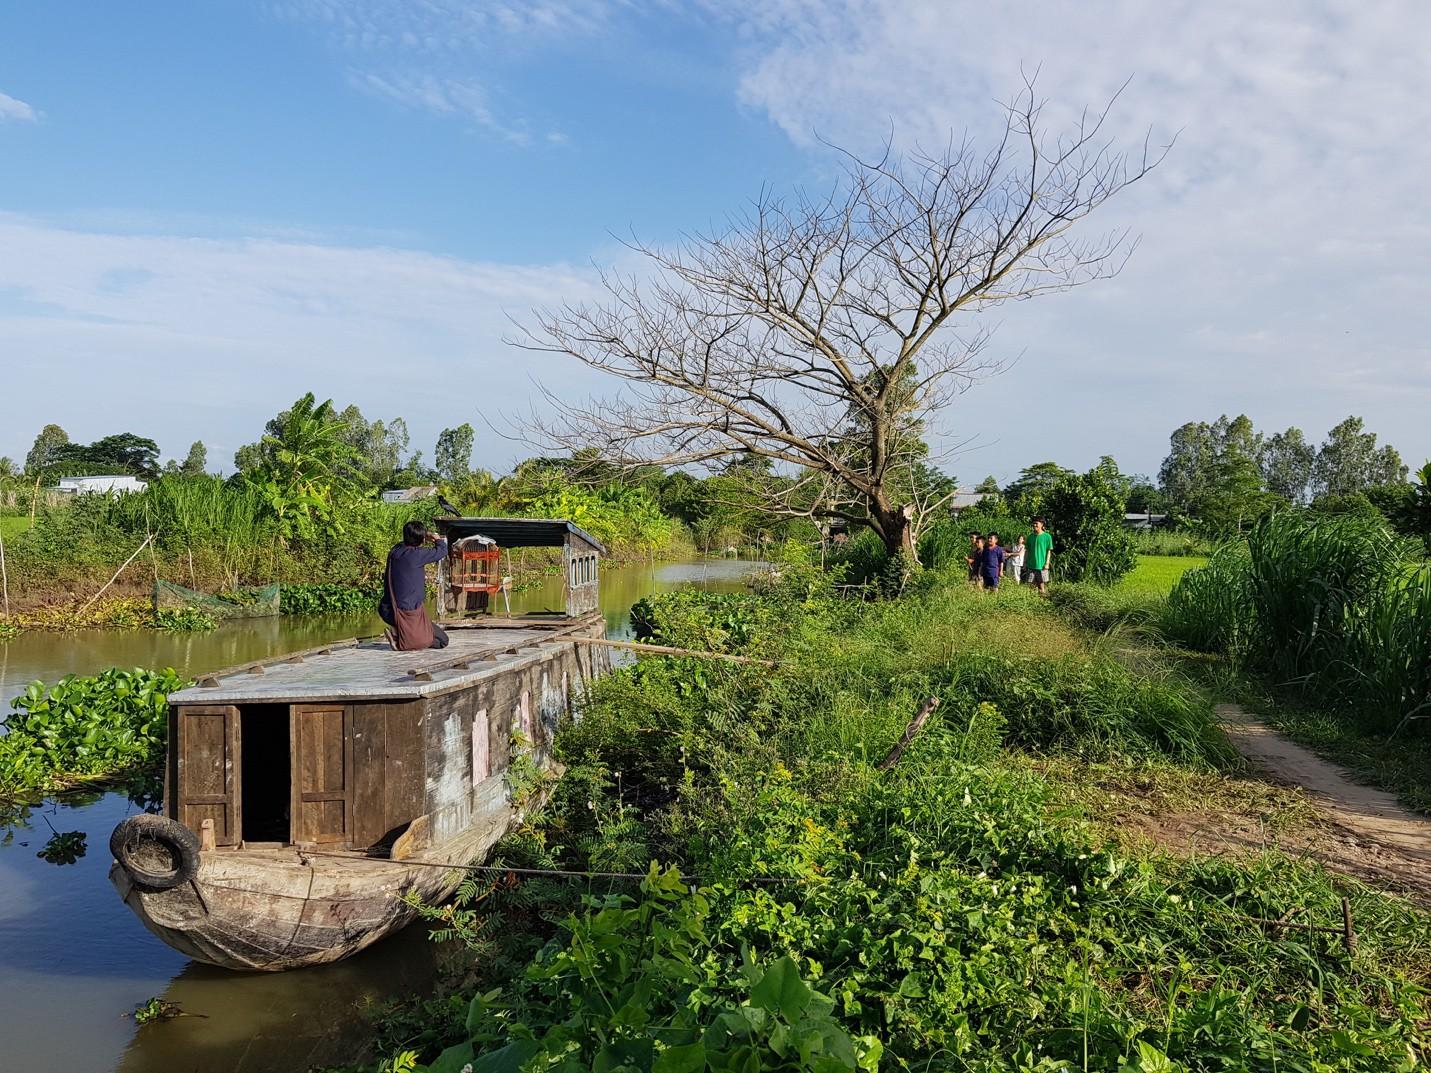 Thất Sơn Tâm Linh ghi dấu ấn với cảnh đẹp yên bình miền Thất Sơn - Ảnh 7.